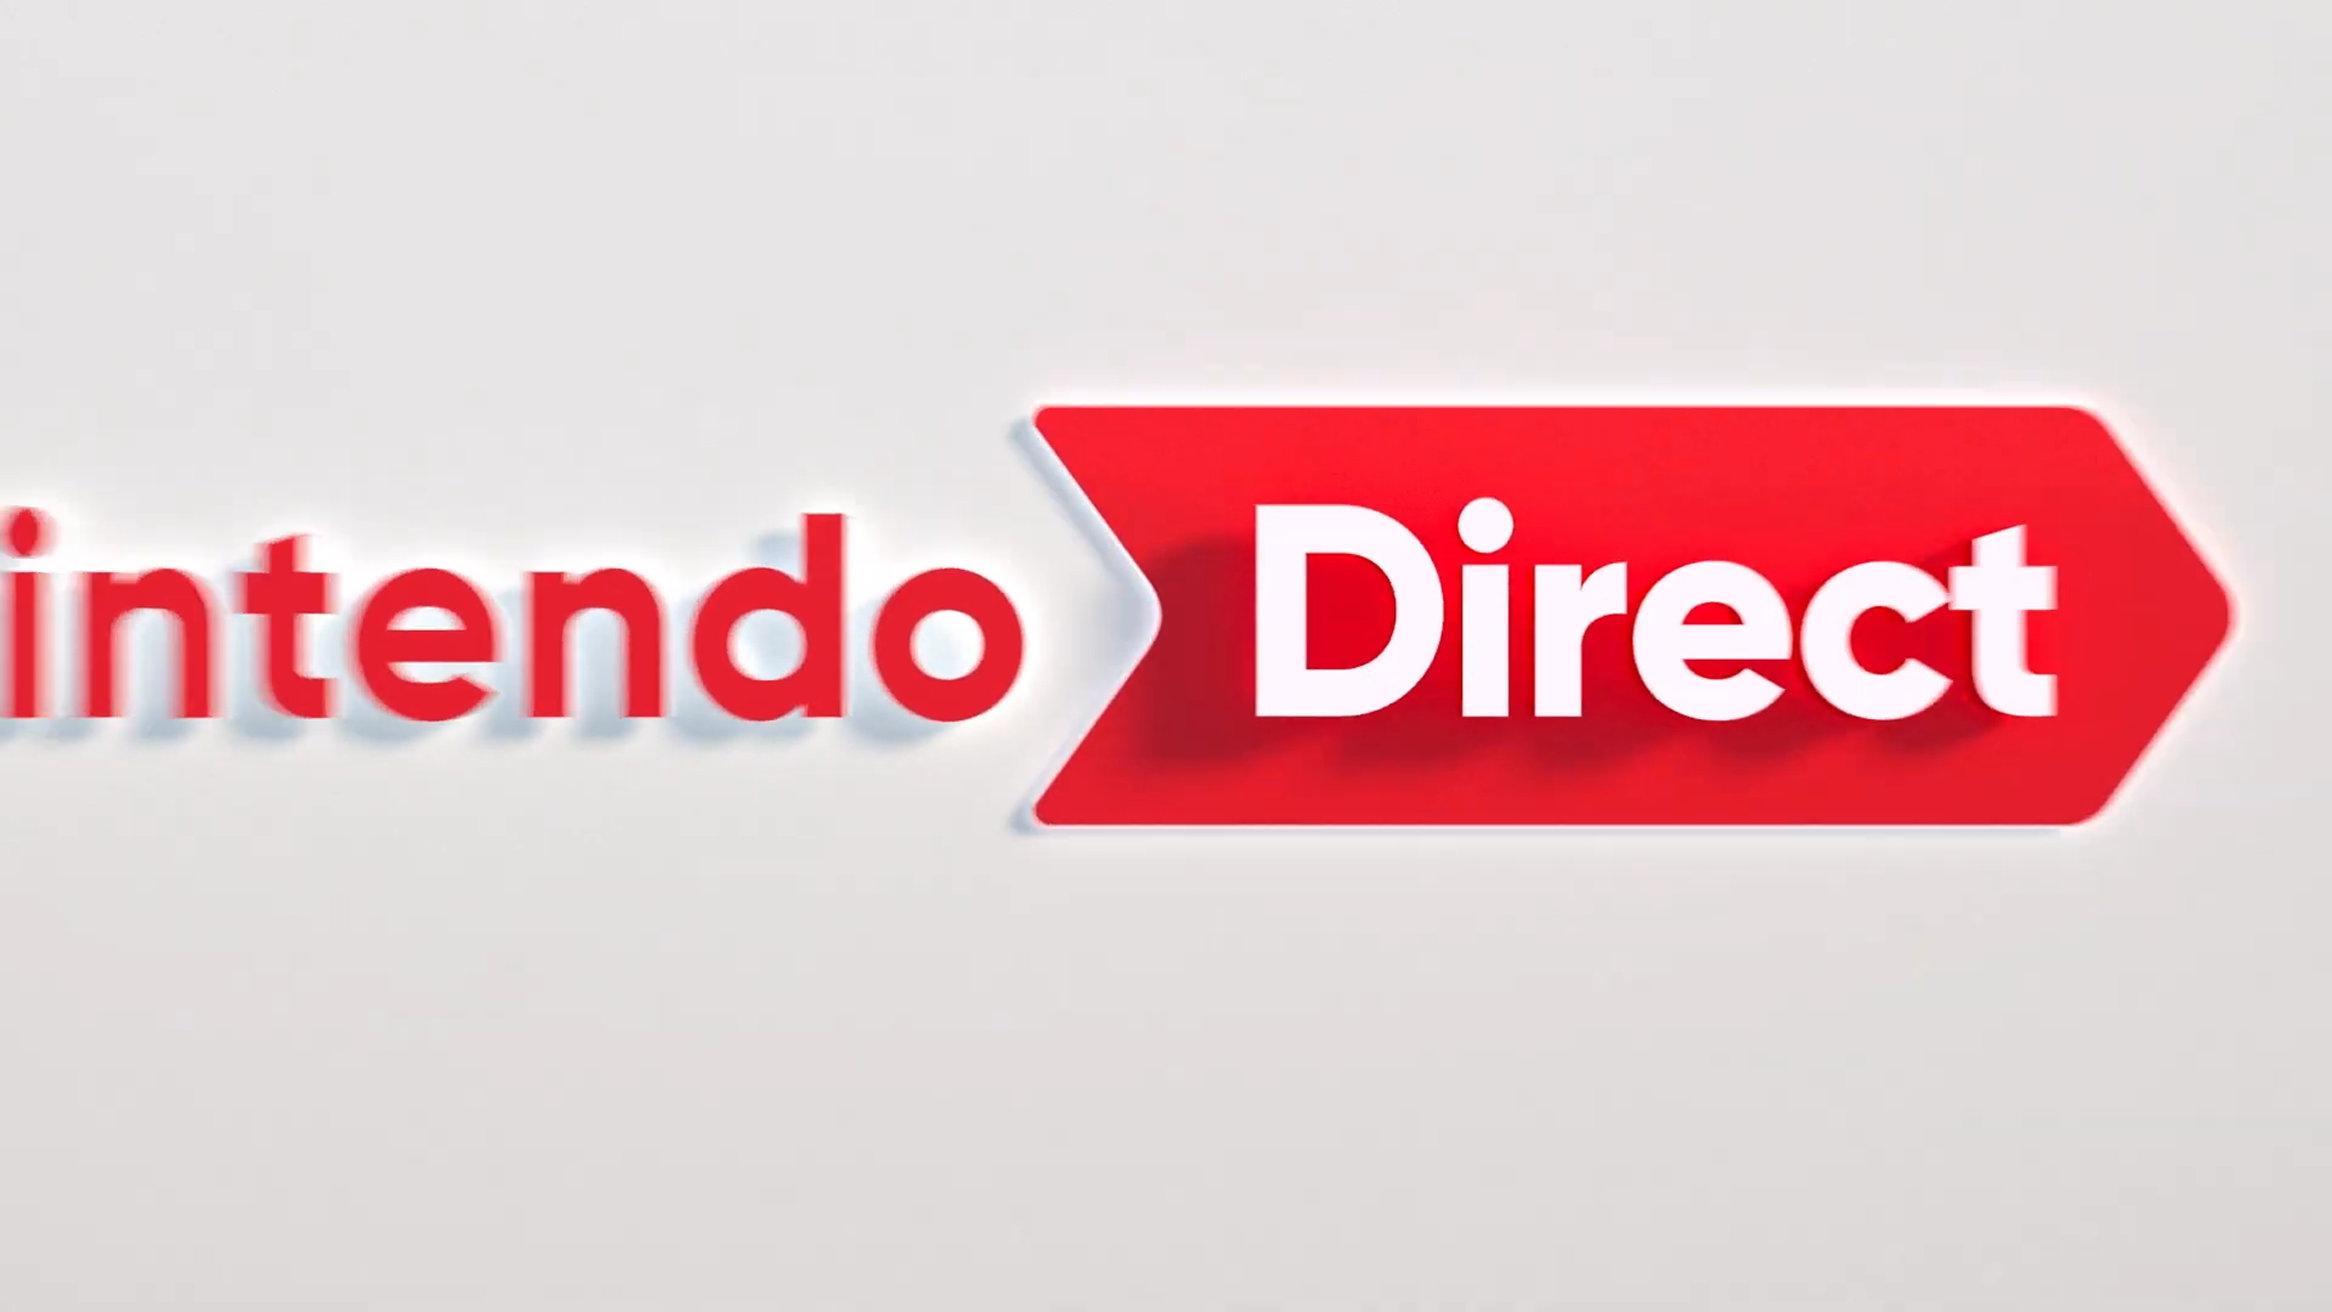 ニンテンドーダイレクト、E3 2020版は中止。サードに連絡が